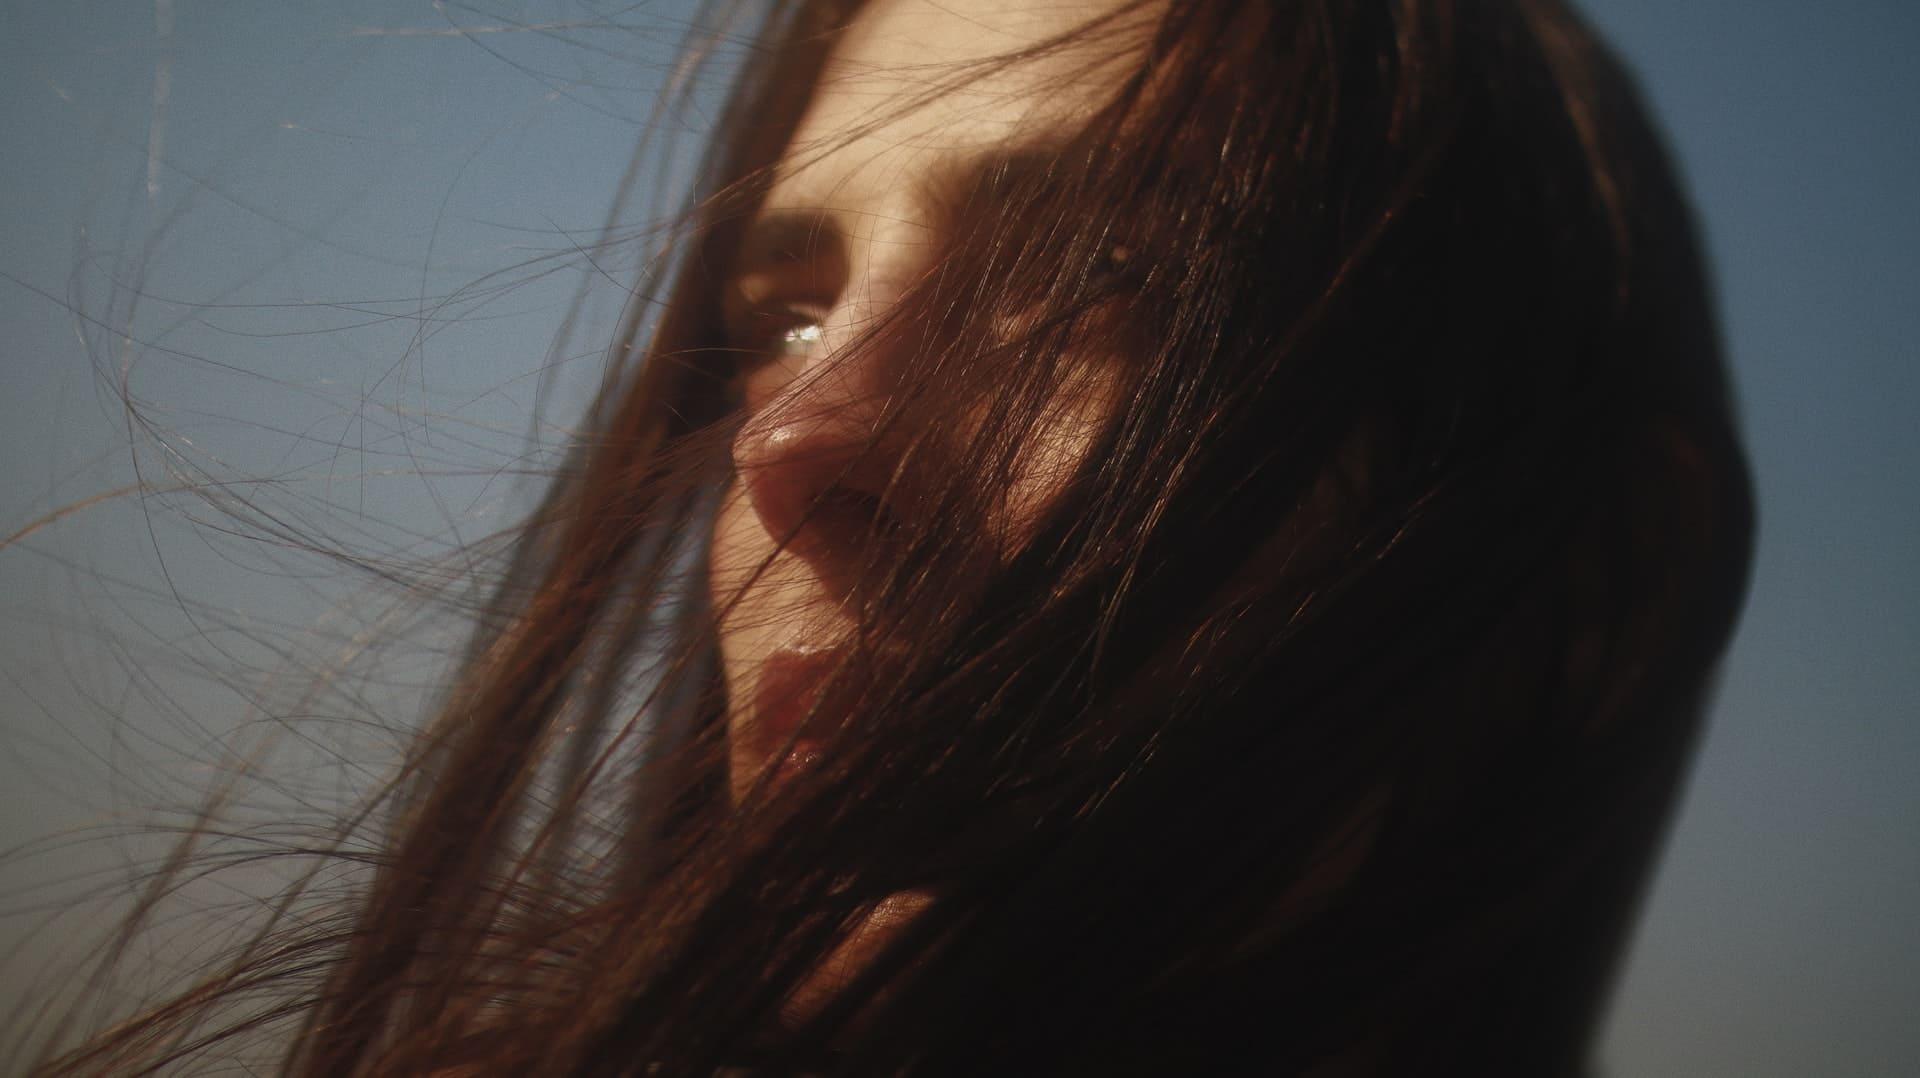 Titelbild: Frau kämpft mit Niedergeschlagenheit